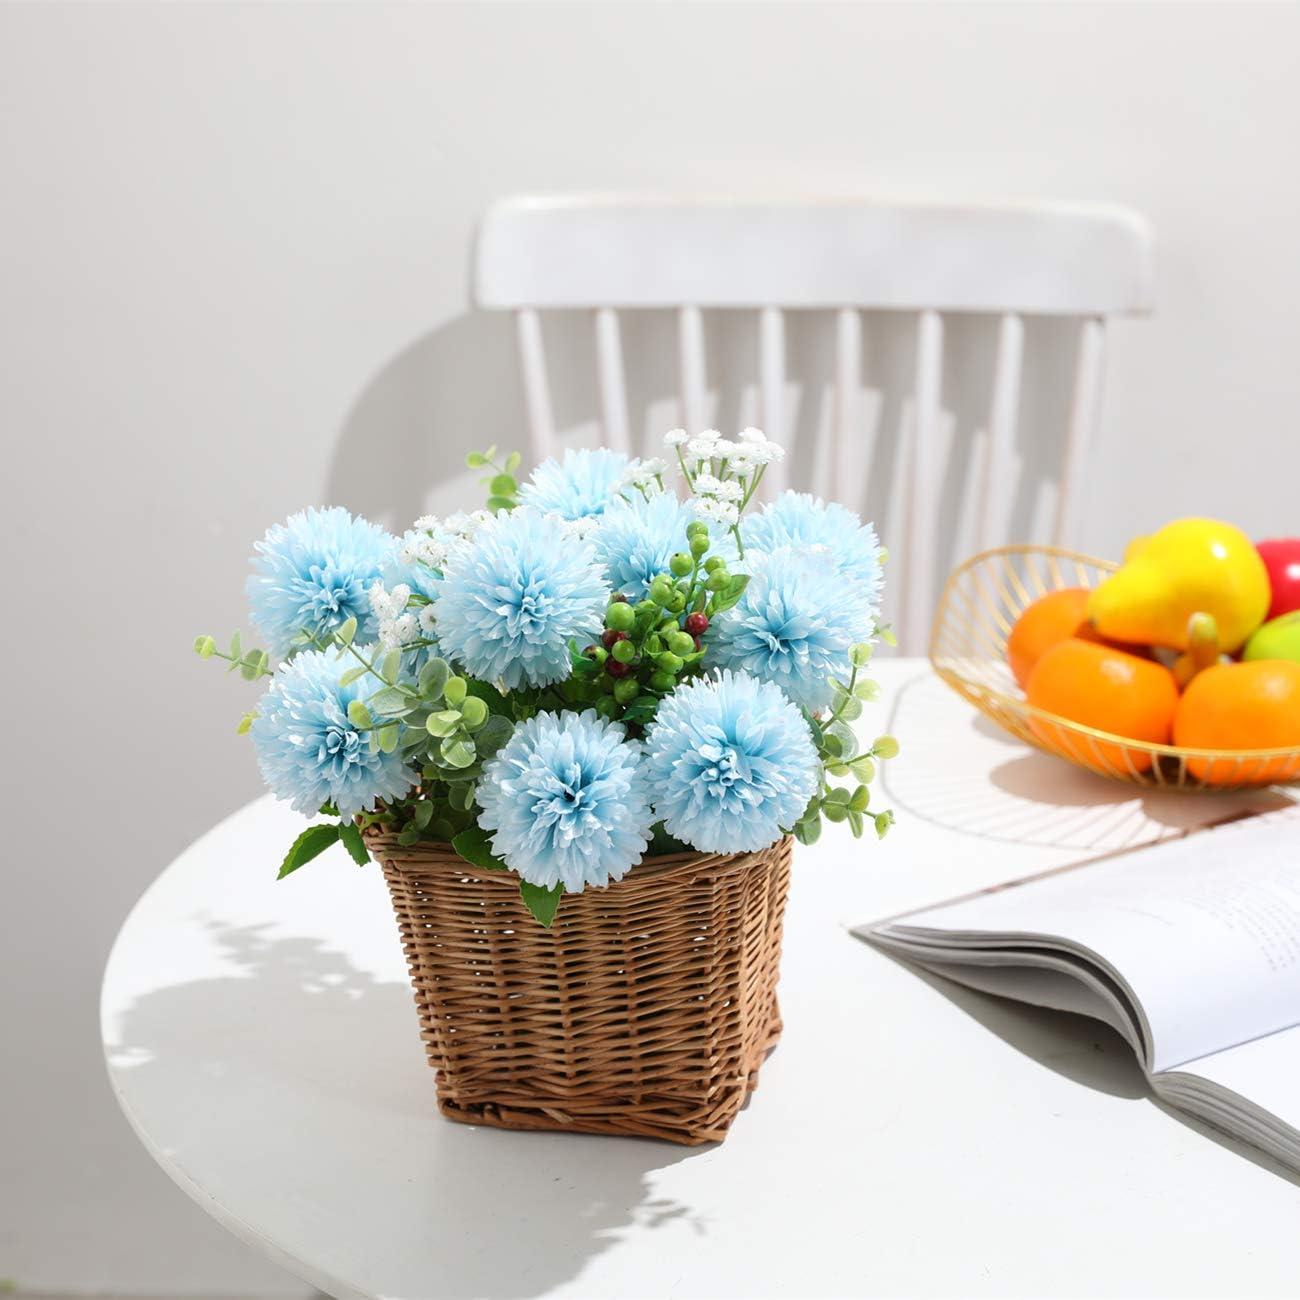 6 Pcs Soie Chrysanth/ème Petite Boule De Fleurs pour La Maison Garden Party Office D/écoration Bleu Tifuly Artificielles Hortensia Fleurs Centres Arrangement Bouquets De Mariage De Mari/ée